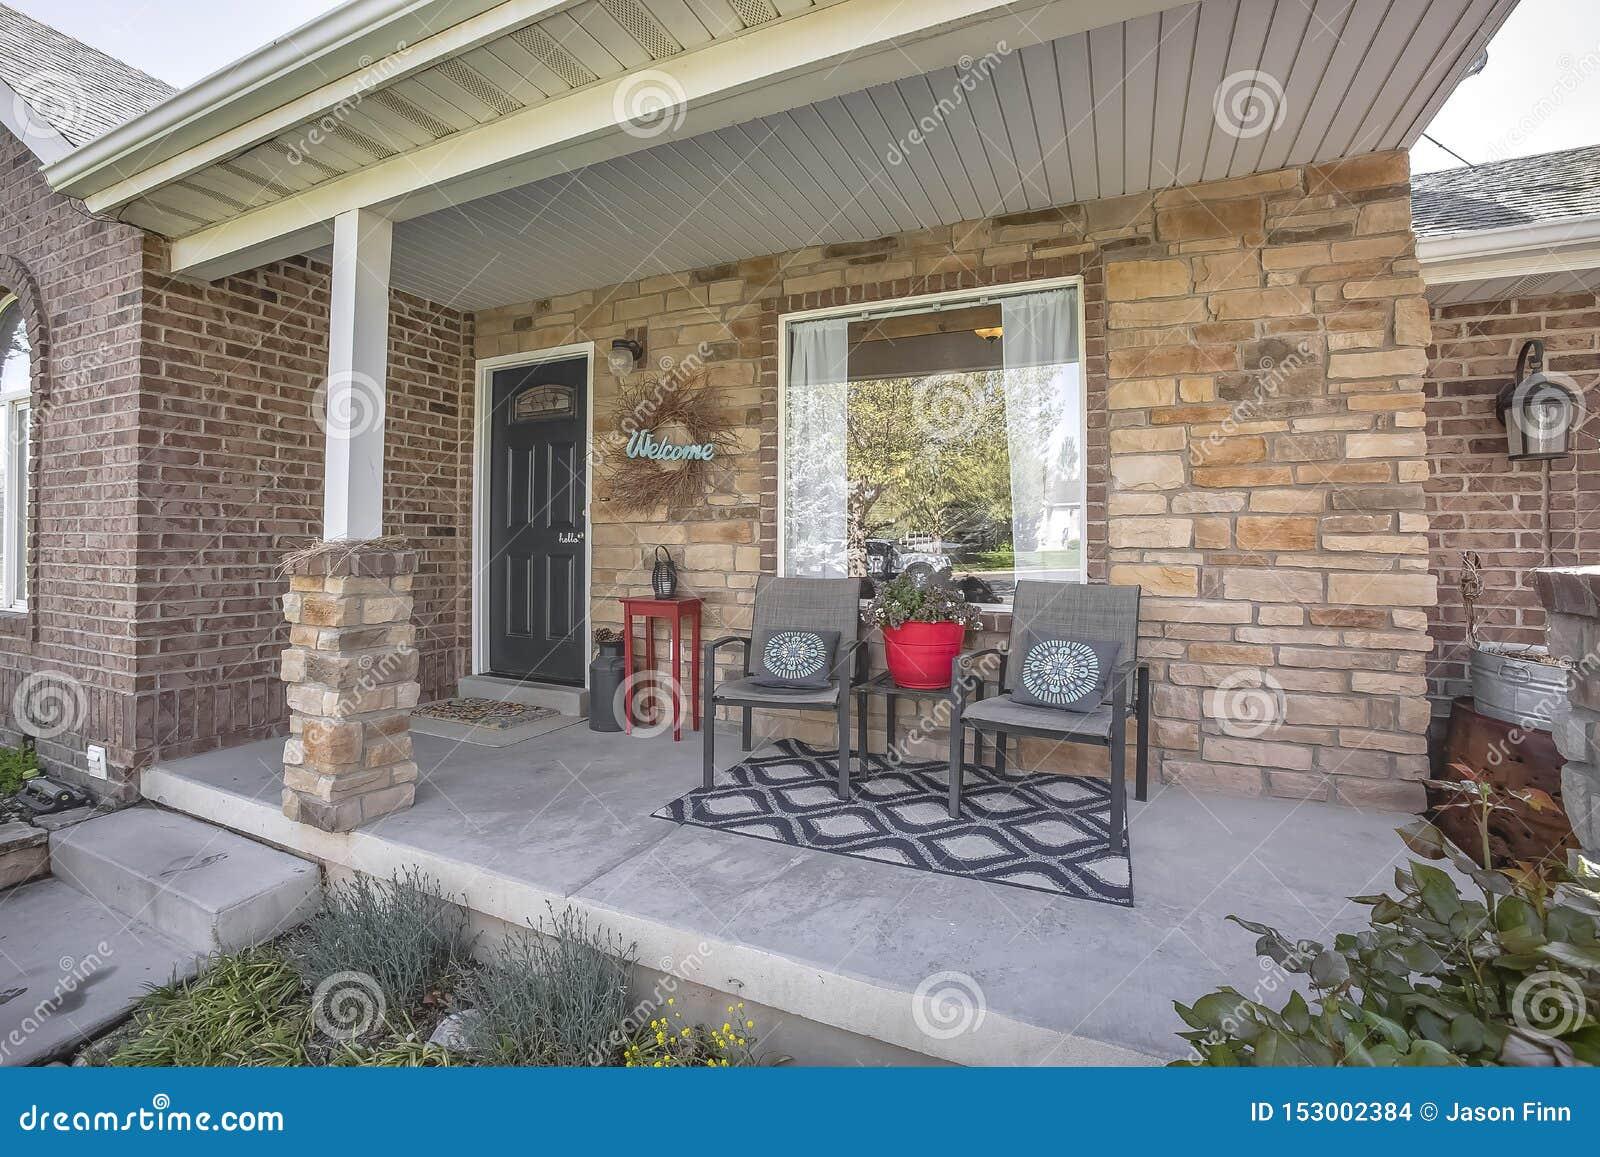 Meubilair en Welkome kroon op de portiek van huis met rode baksteen buitenmuur